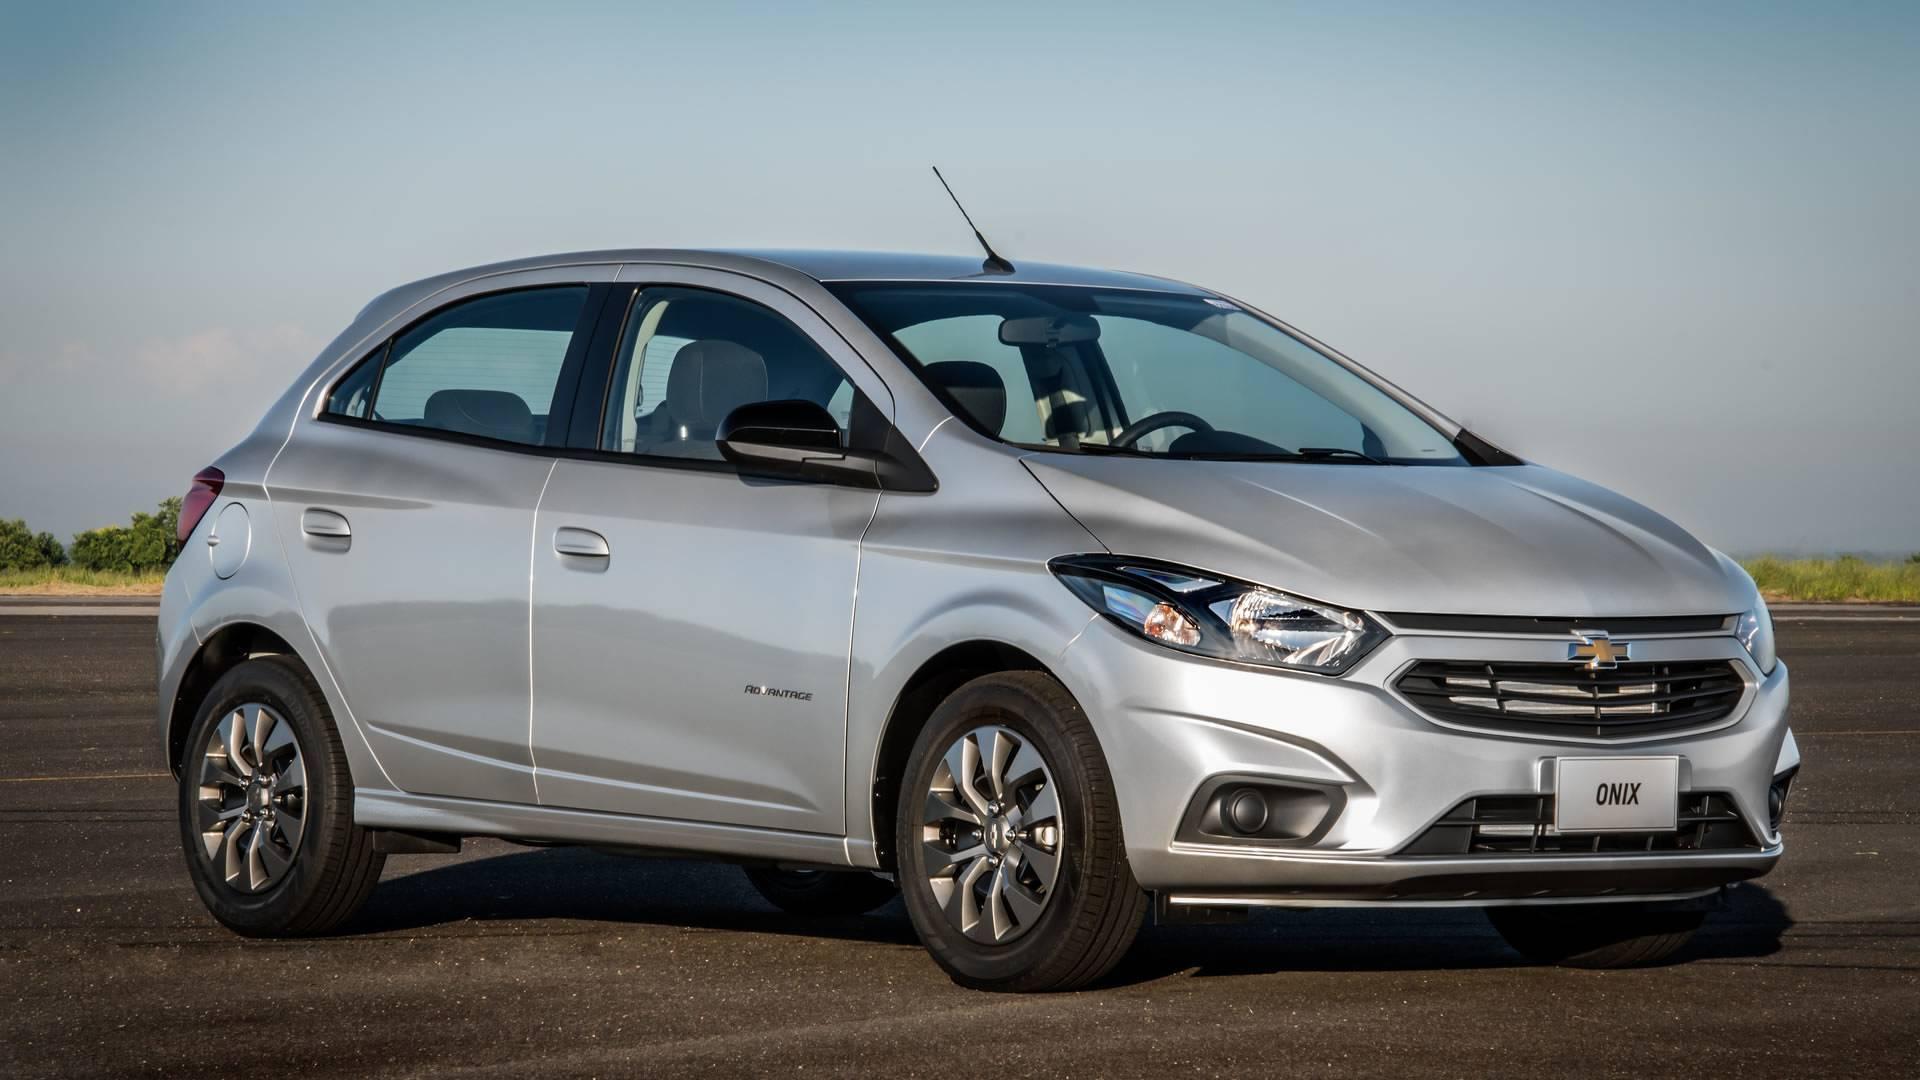 Chevrolet Onix - hatch compacto, 9,3% de depreciação depois de um ano. Foto: Divulgação